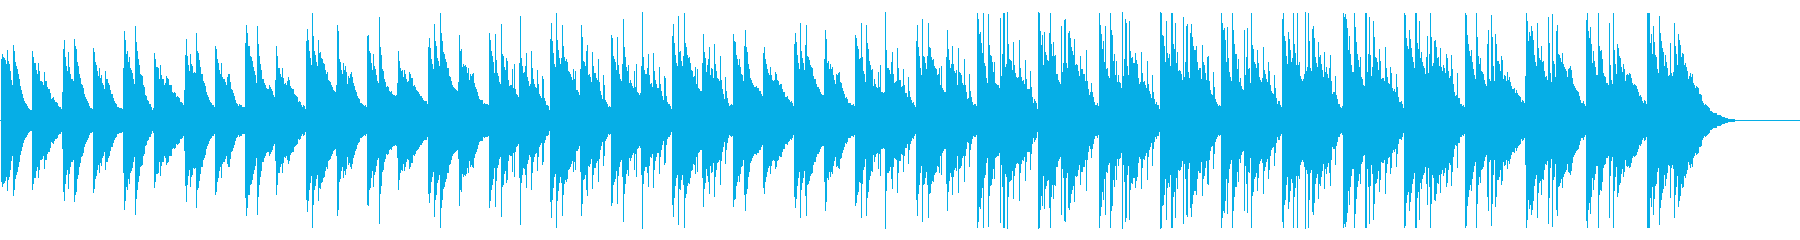 【リズム抜き】エレピとギターのメロウな曲の再生済みの波形